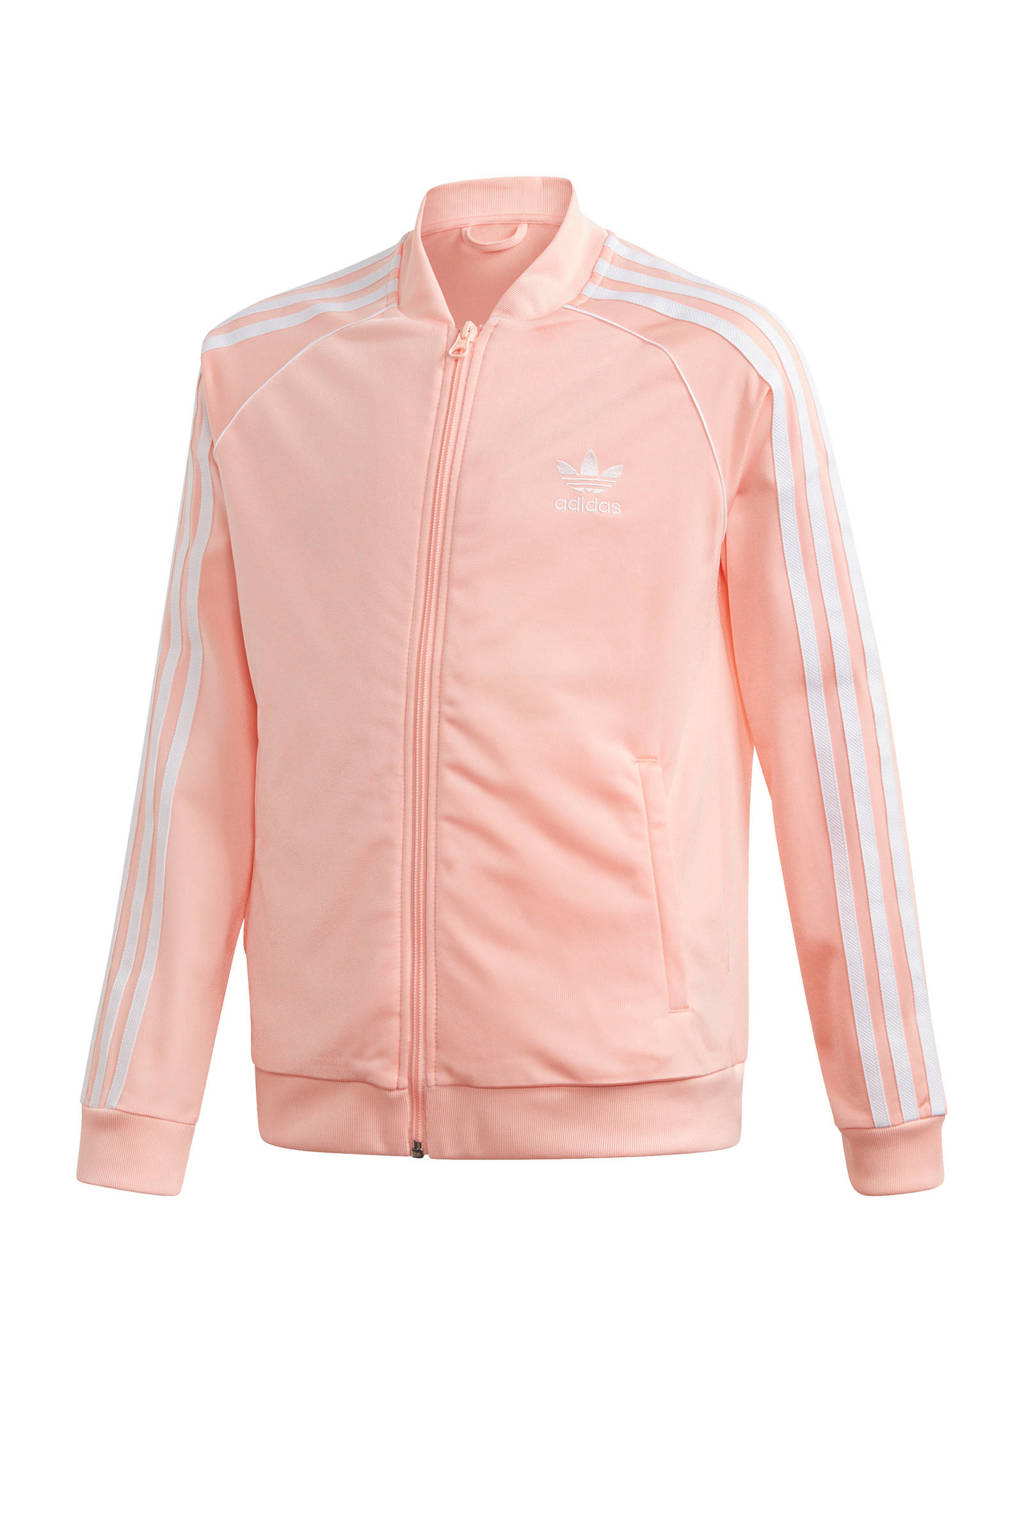 adidas Originals vest roze, Lichtroze